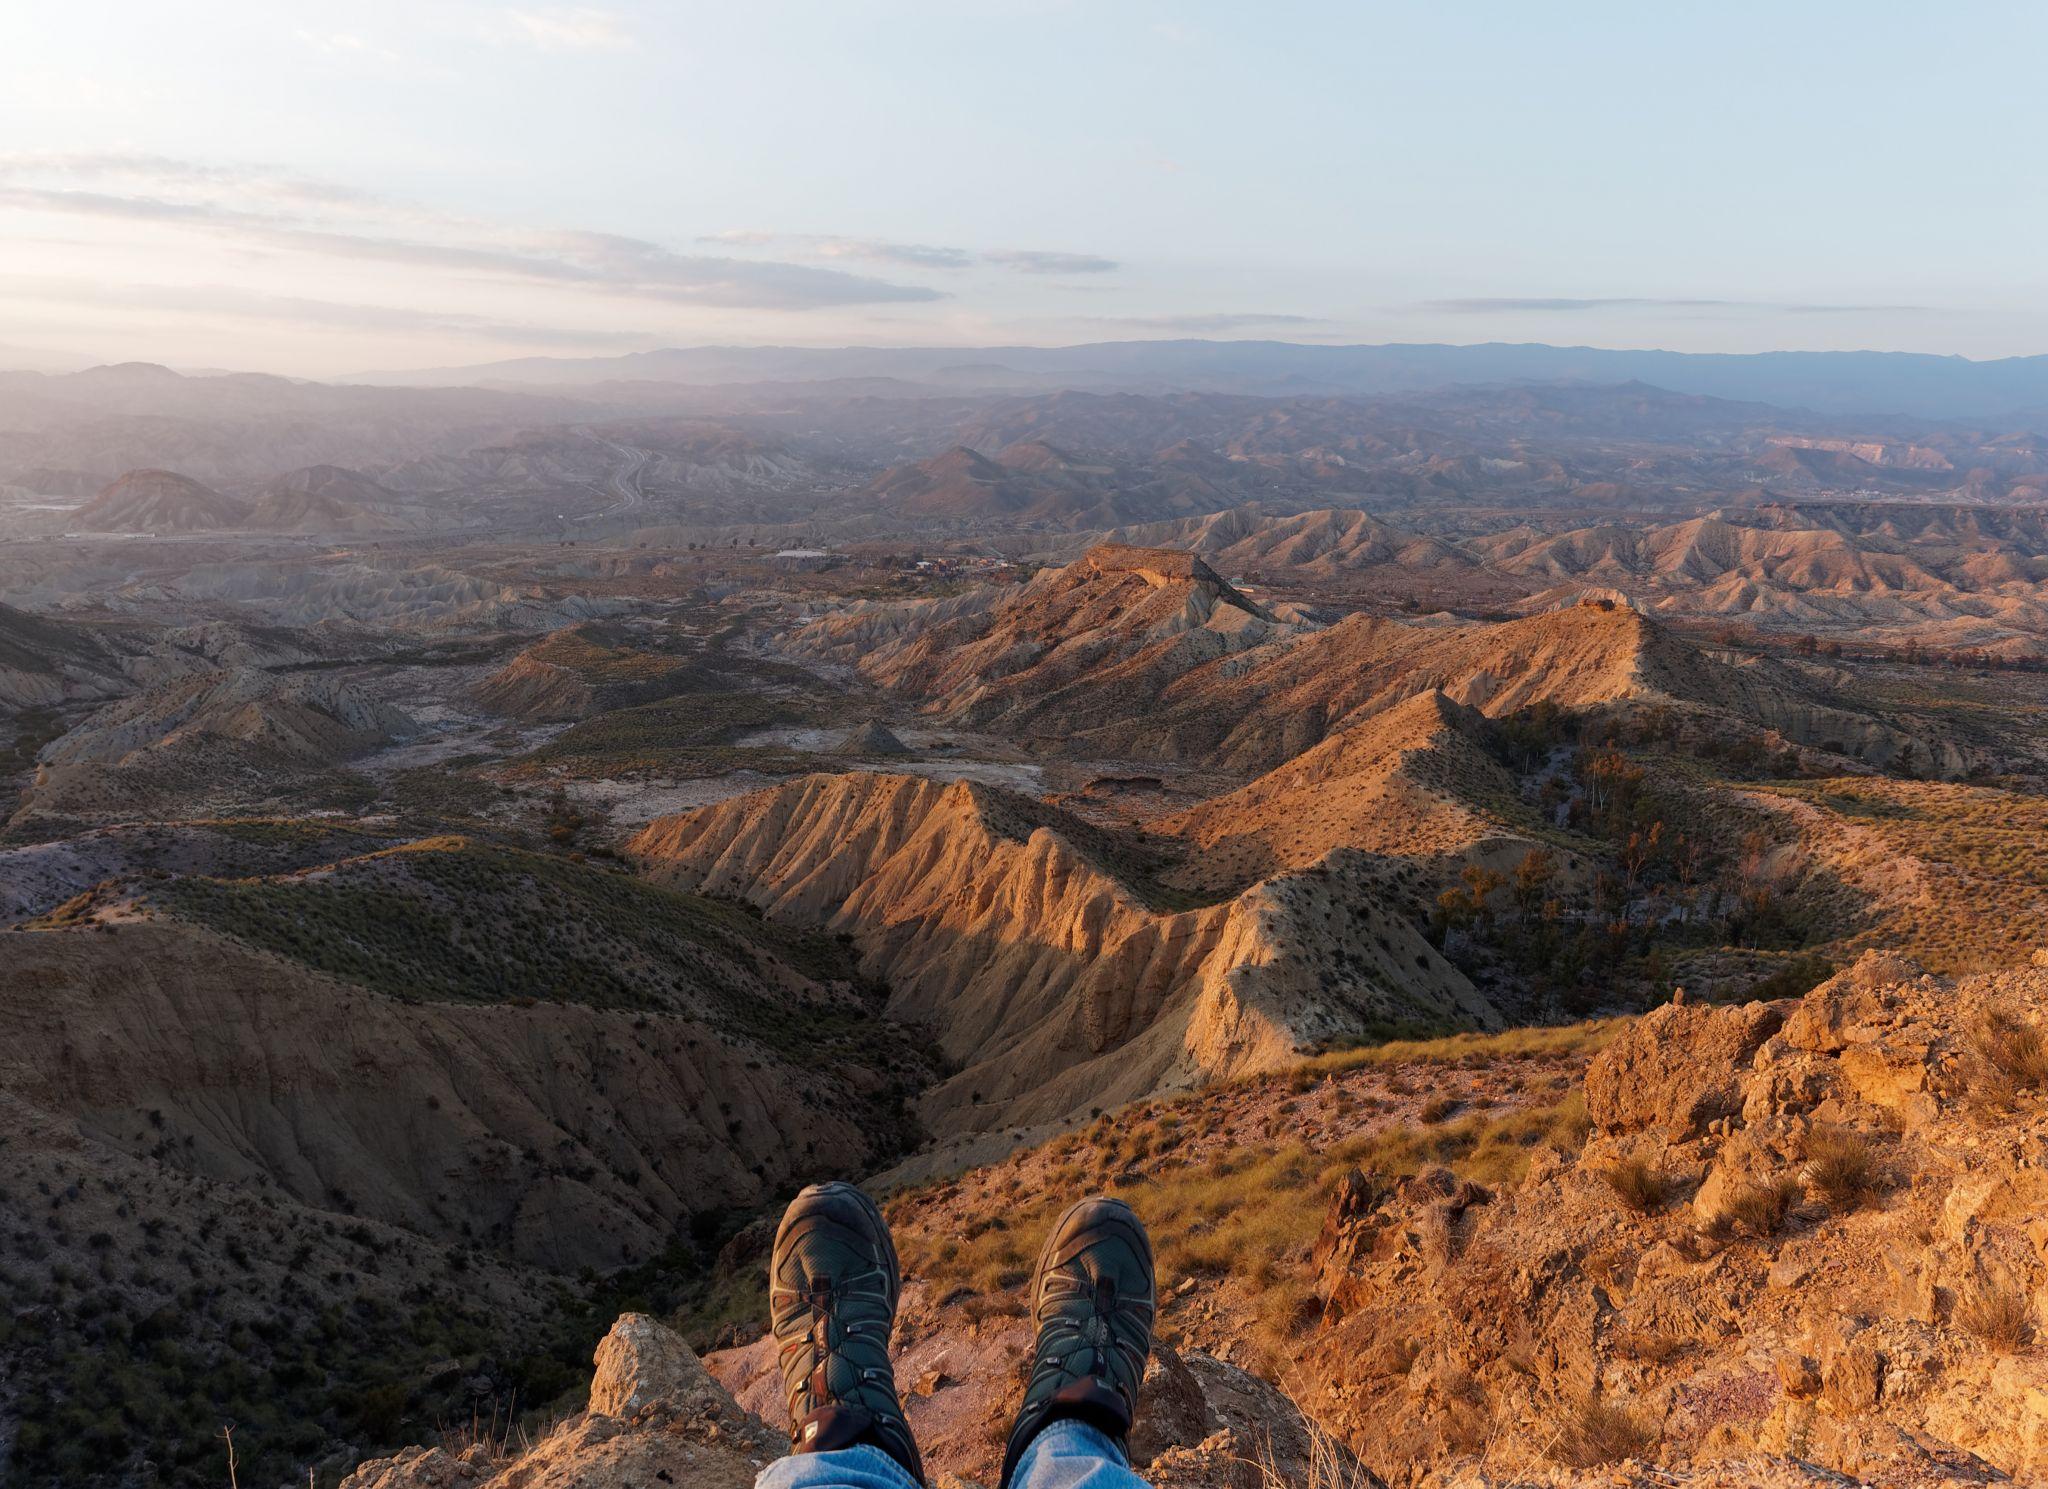 Desierto de Tabernas, Spain